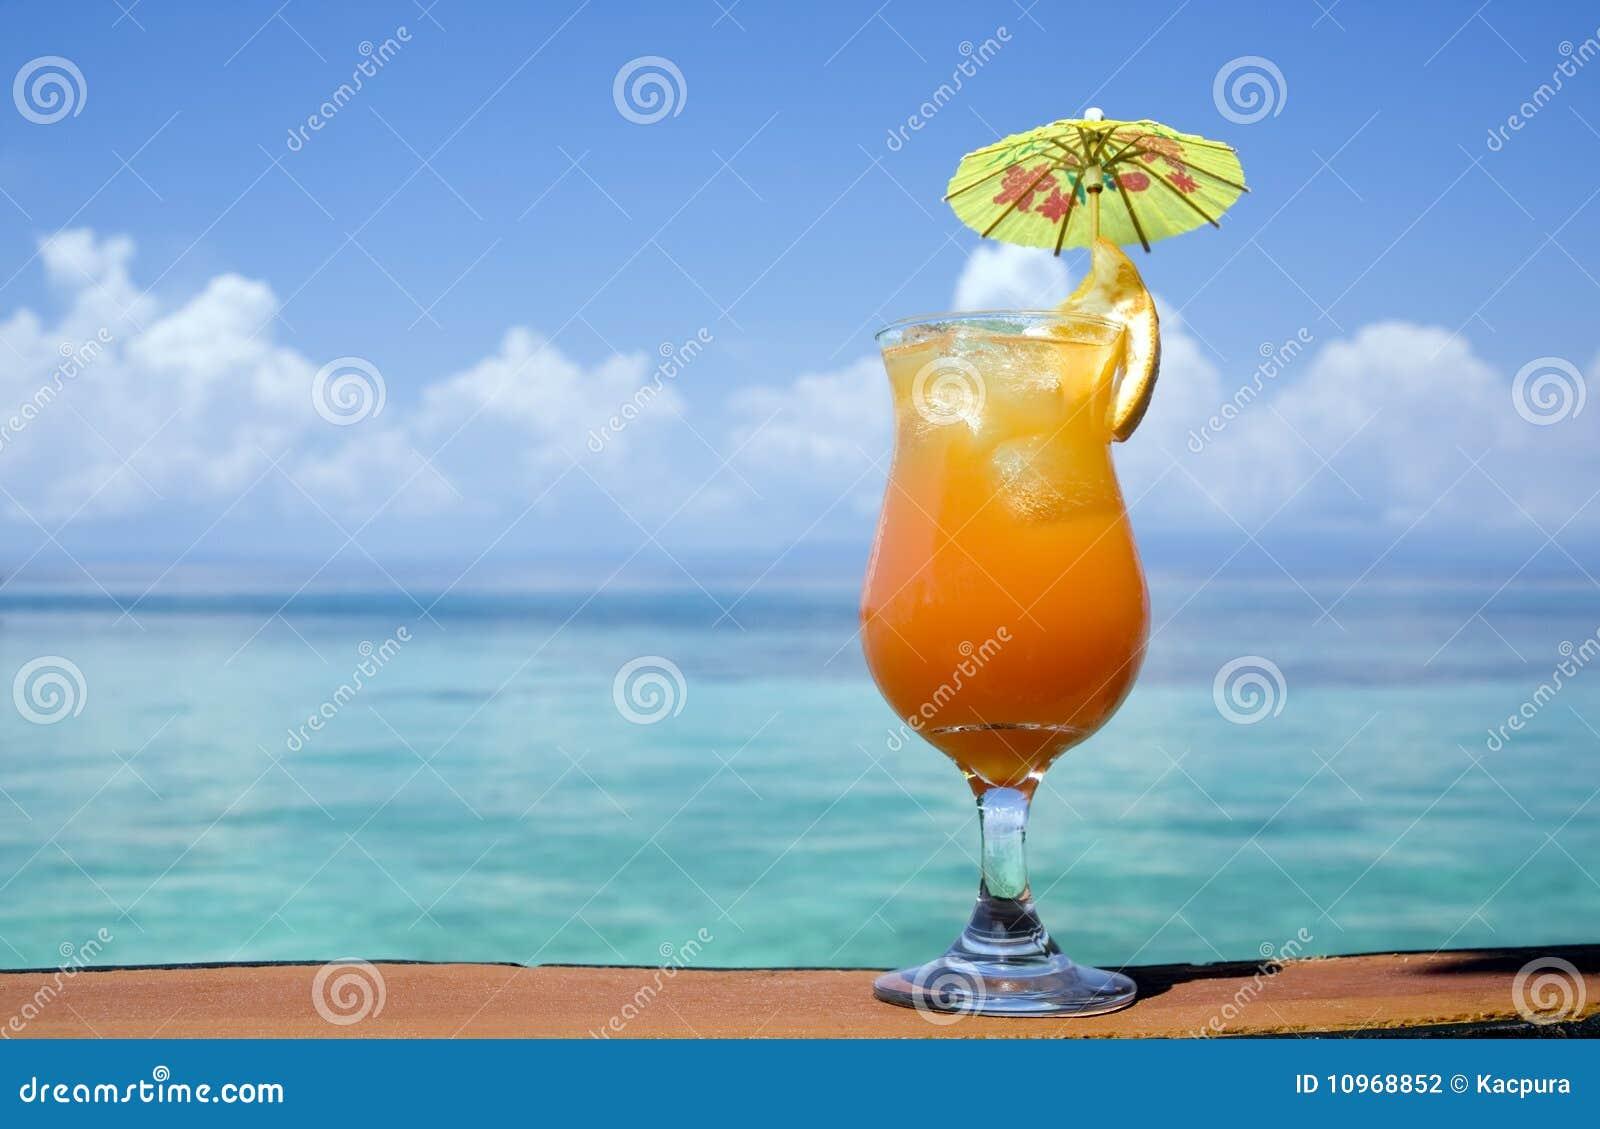 Tropisches Getränk-Paradies Stockfoto - Bild von getränk, schnäpse ...